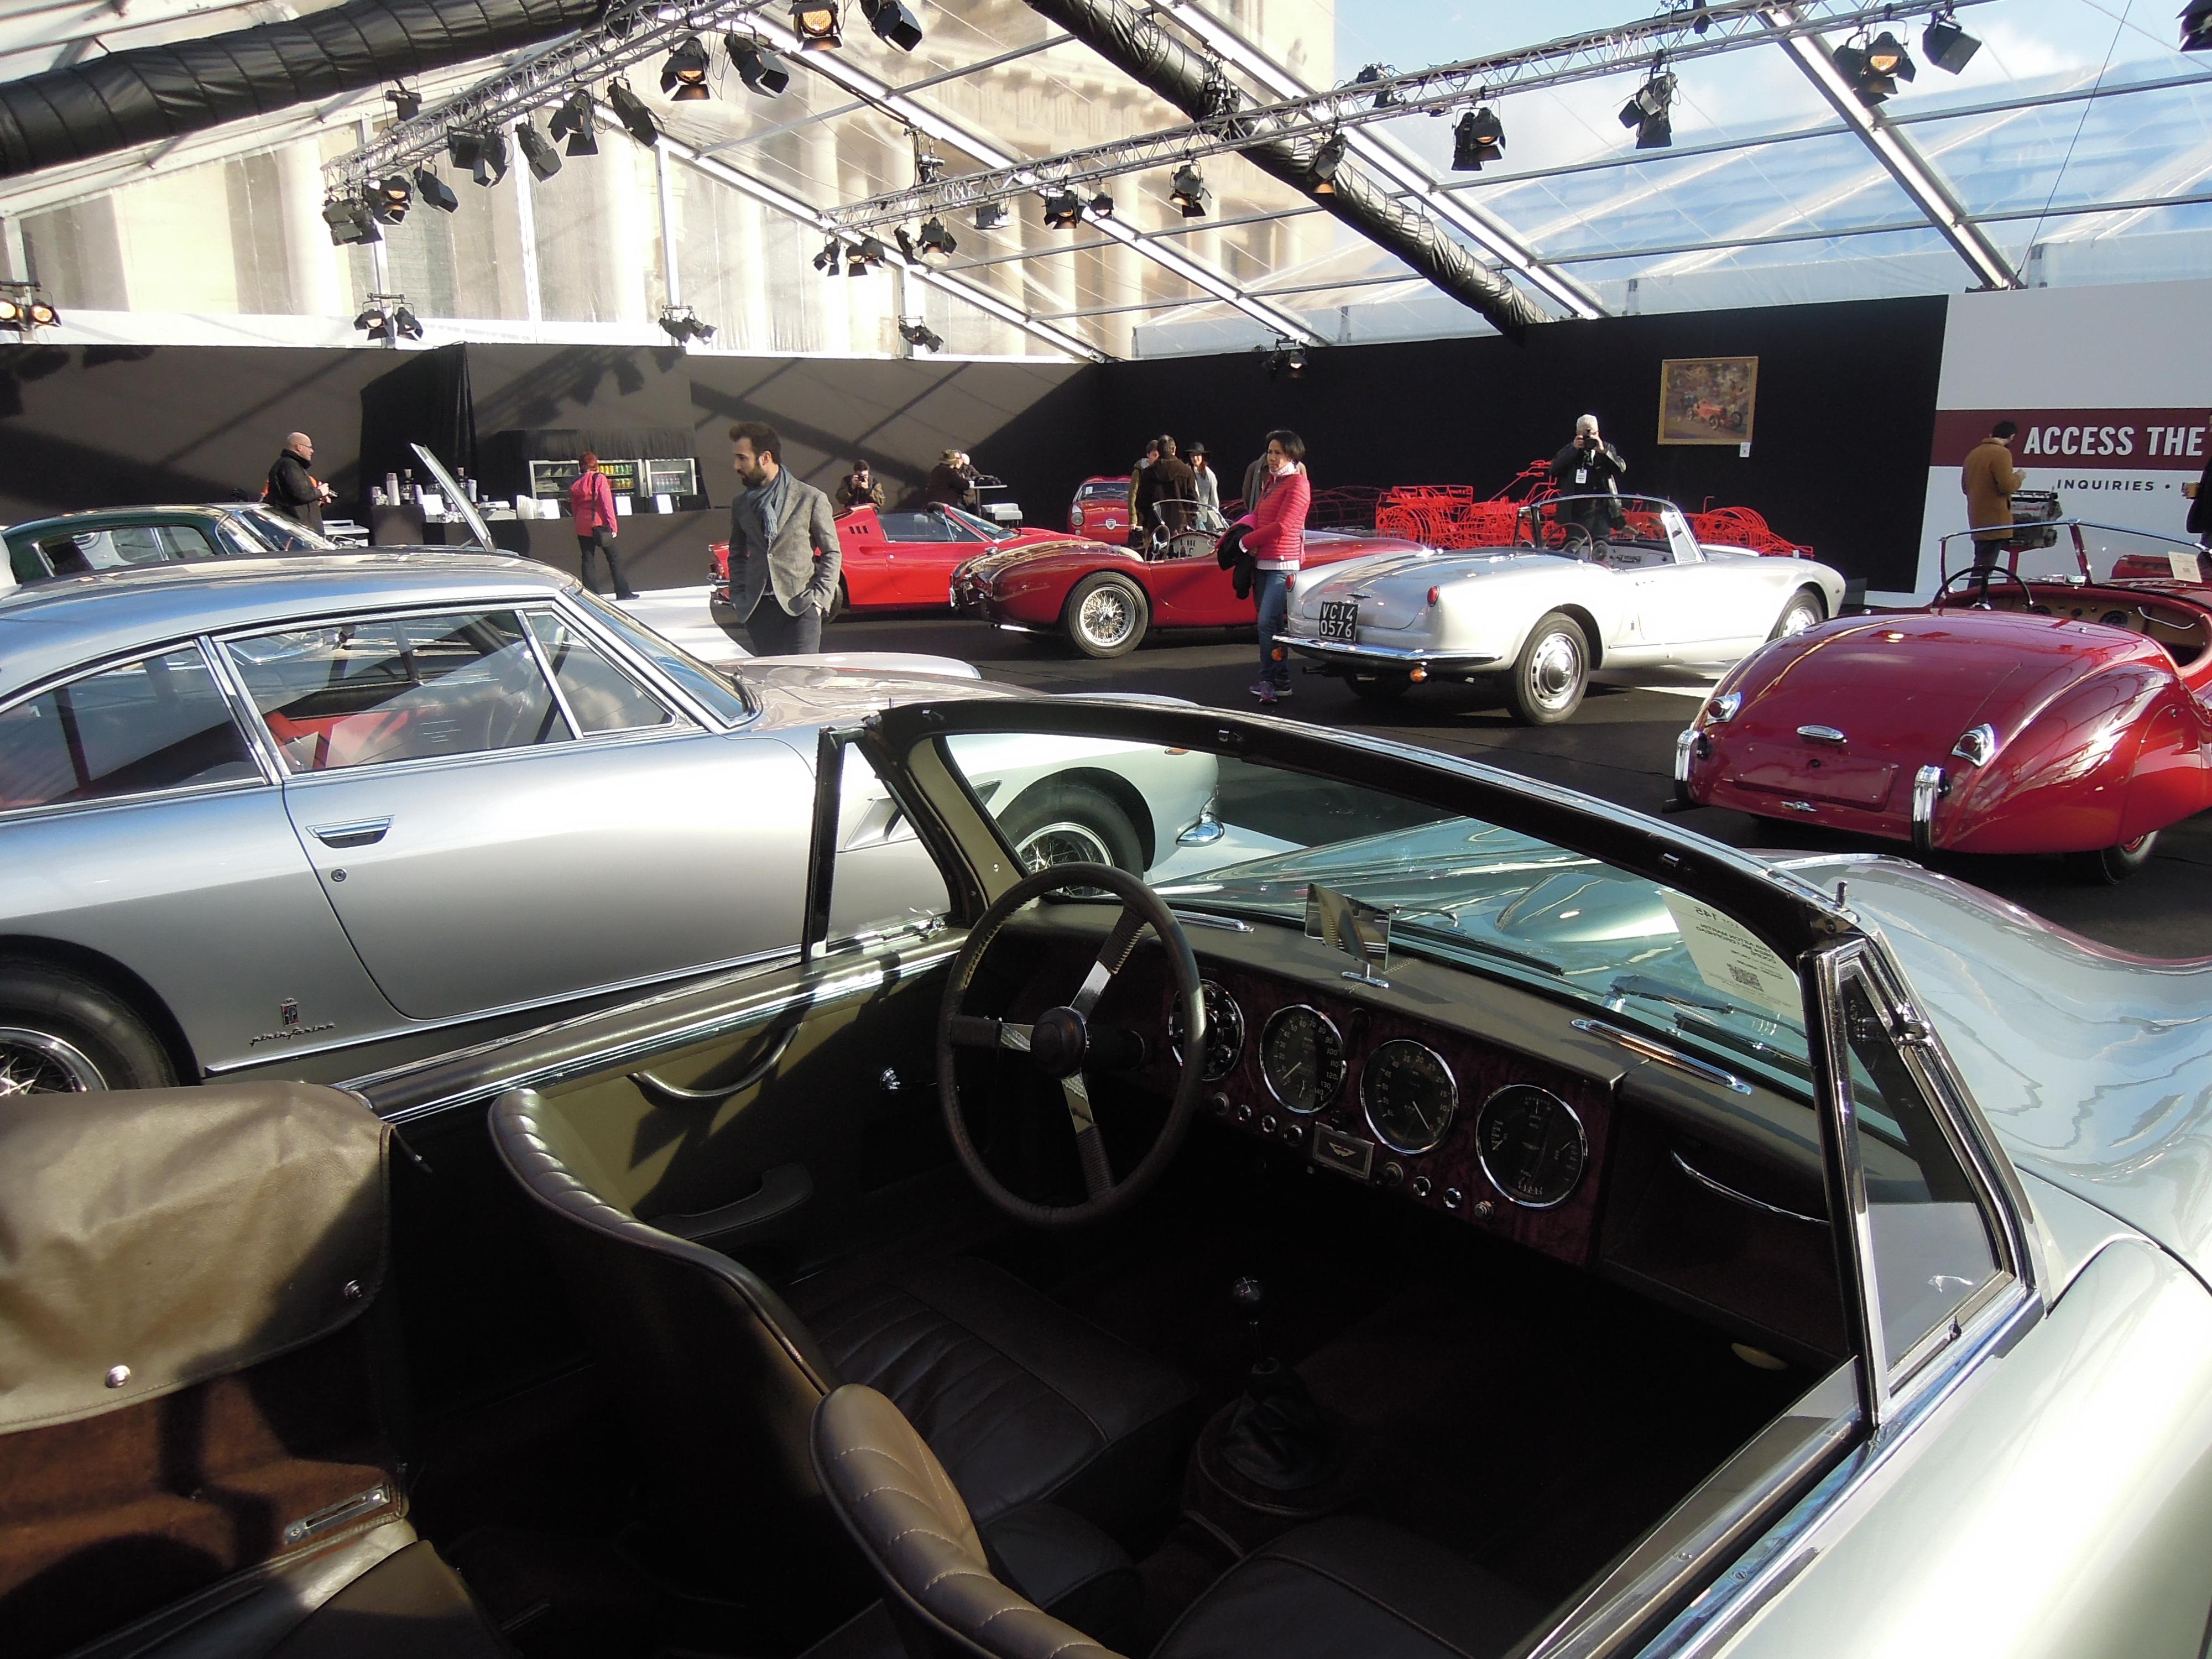 Vue d'ensemble de quelques autos proposées : au premier plan, l'habitacle d'une Aston Martin DB2/4.